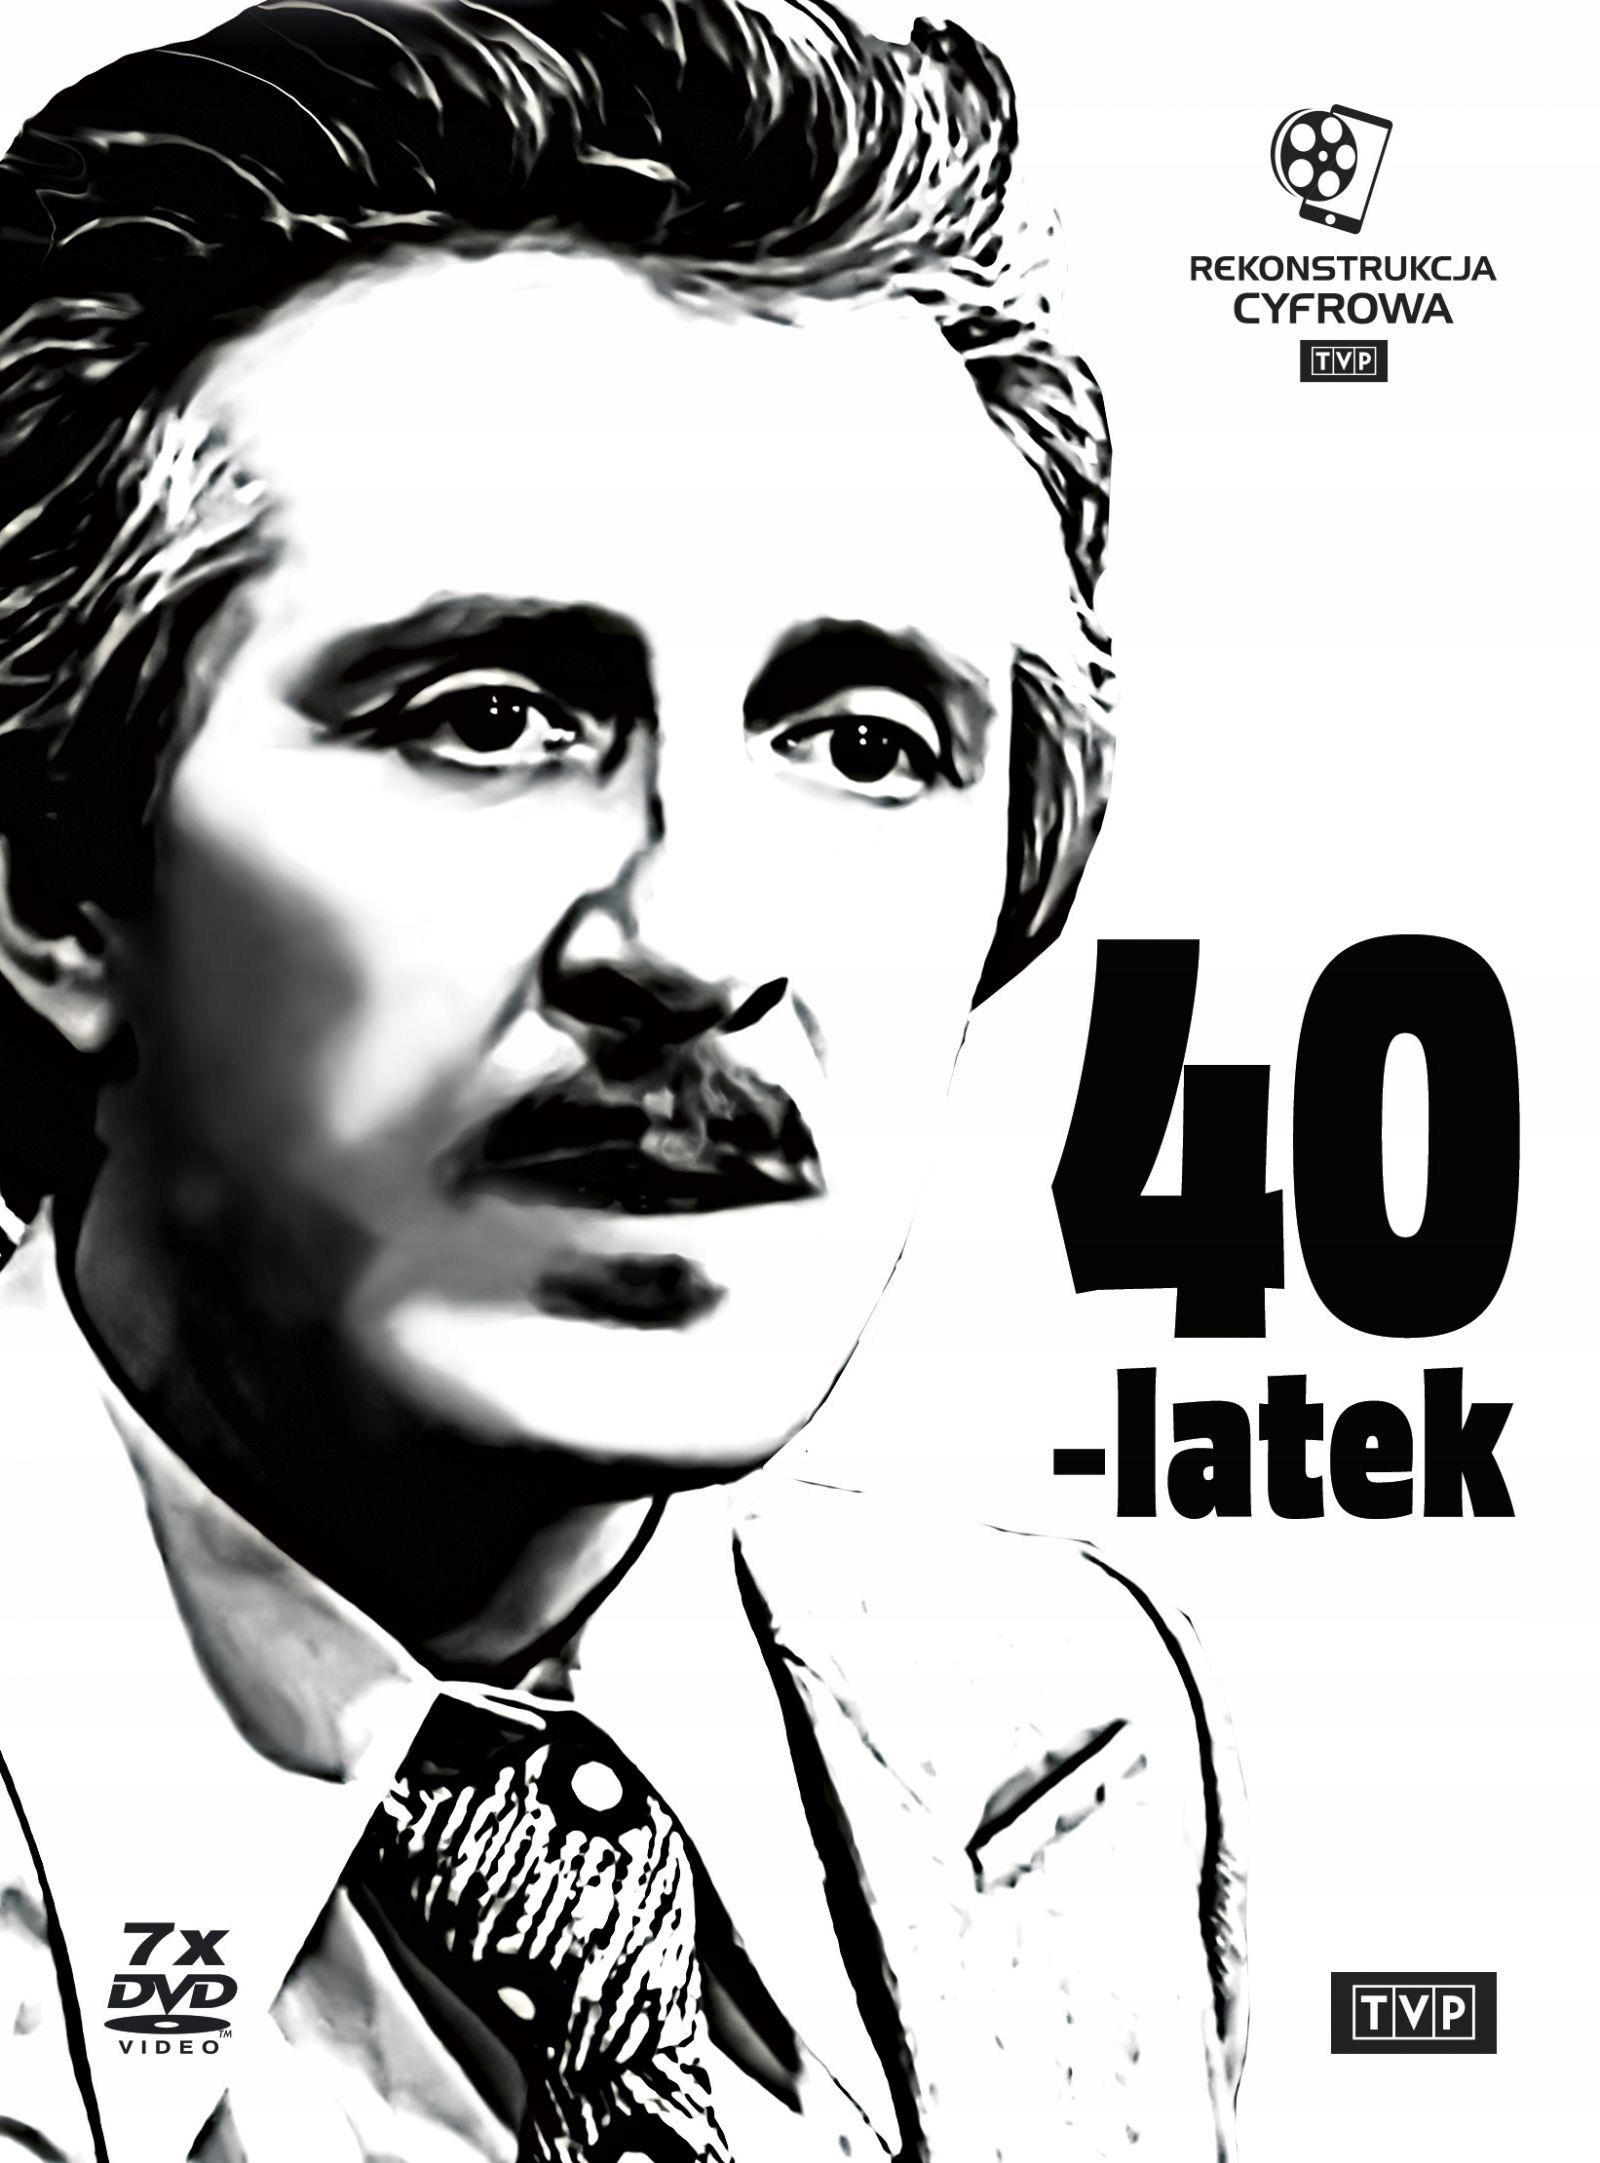 40-LATEK (rekonstrukcja Cyfrowa) [7DVD]